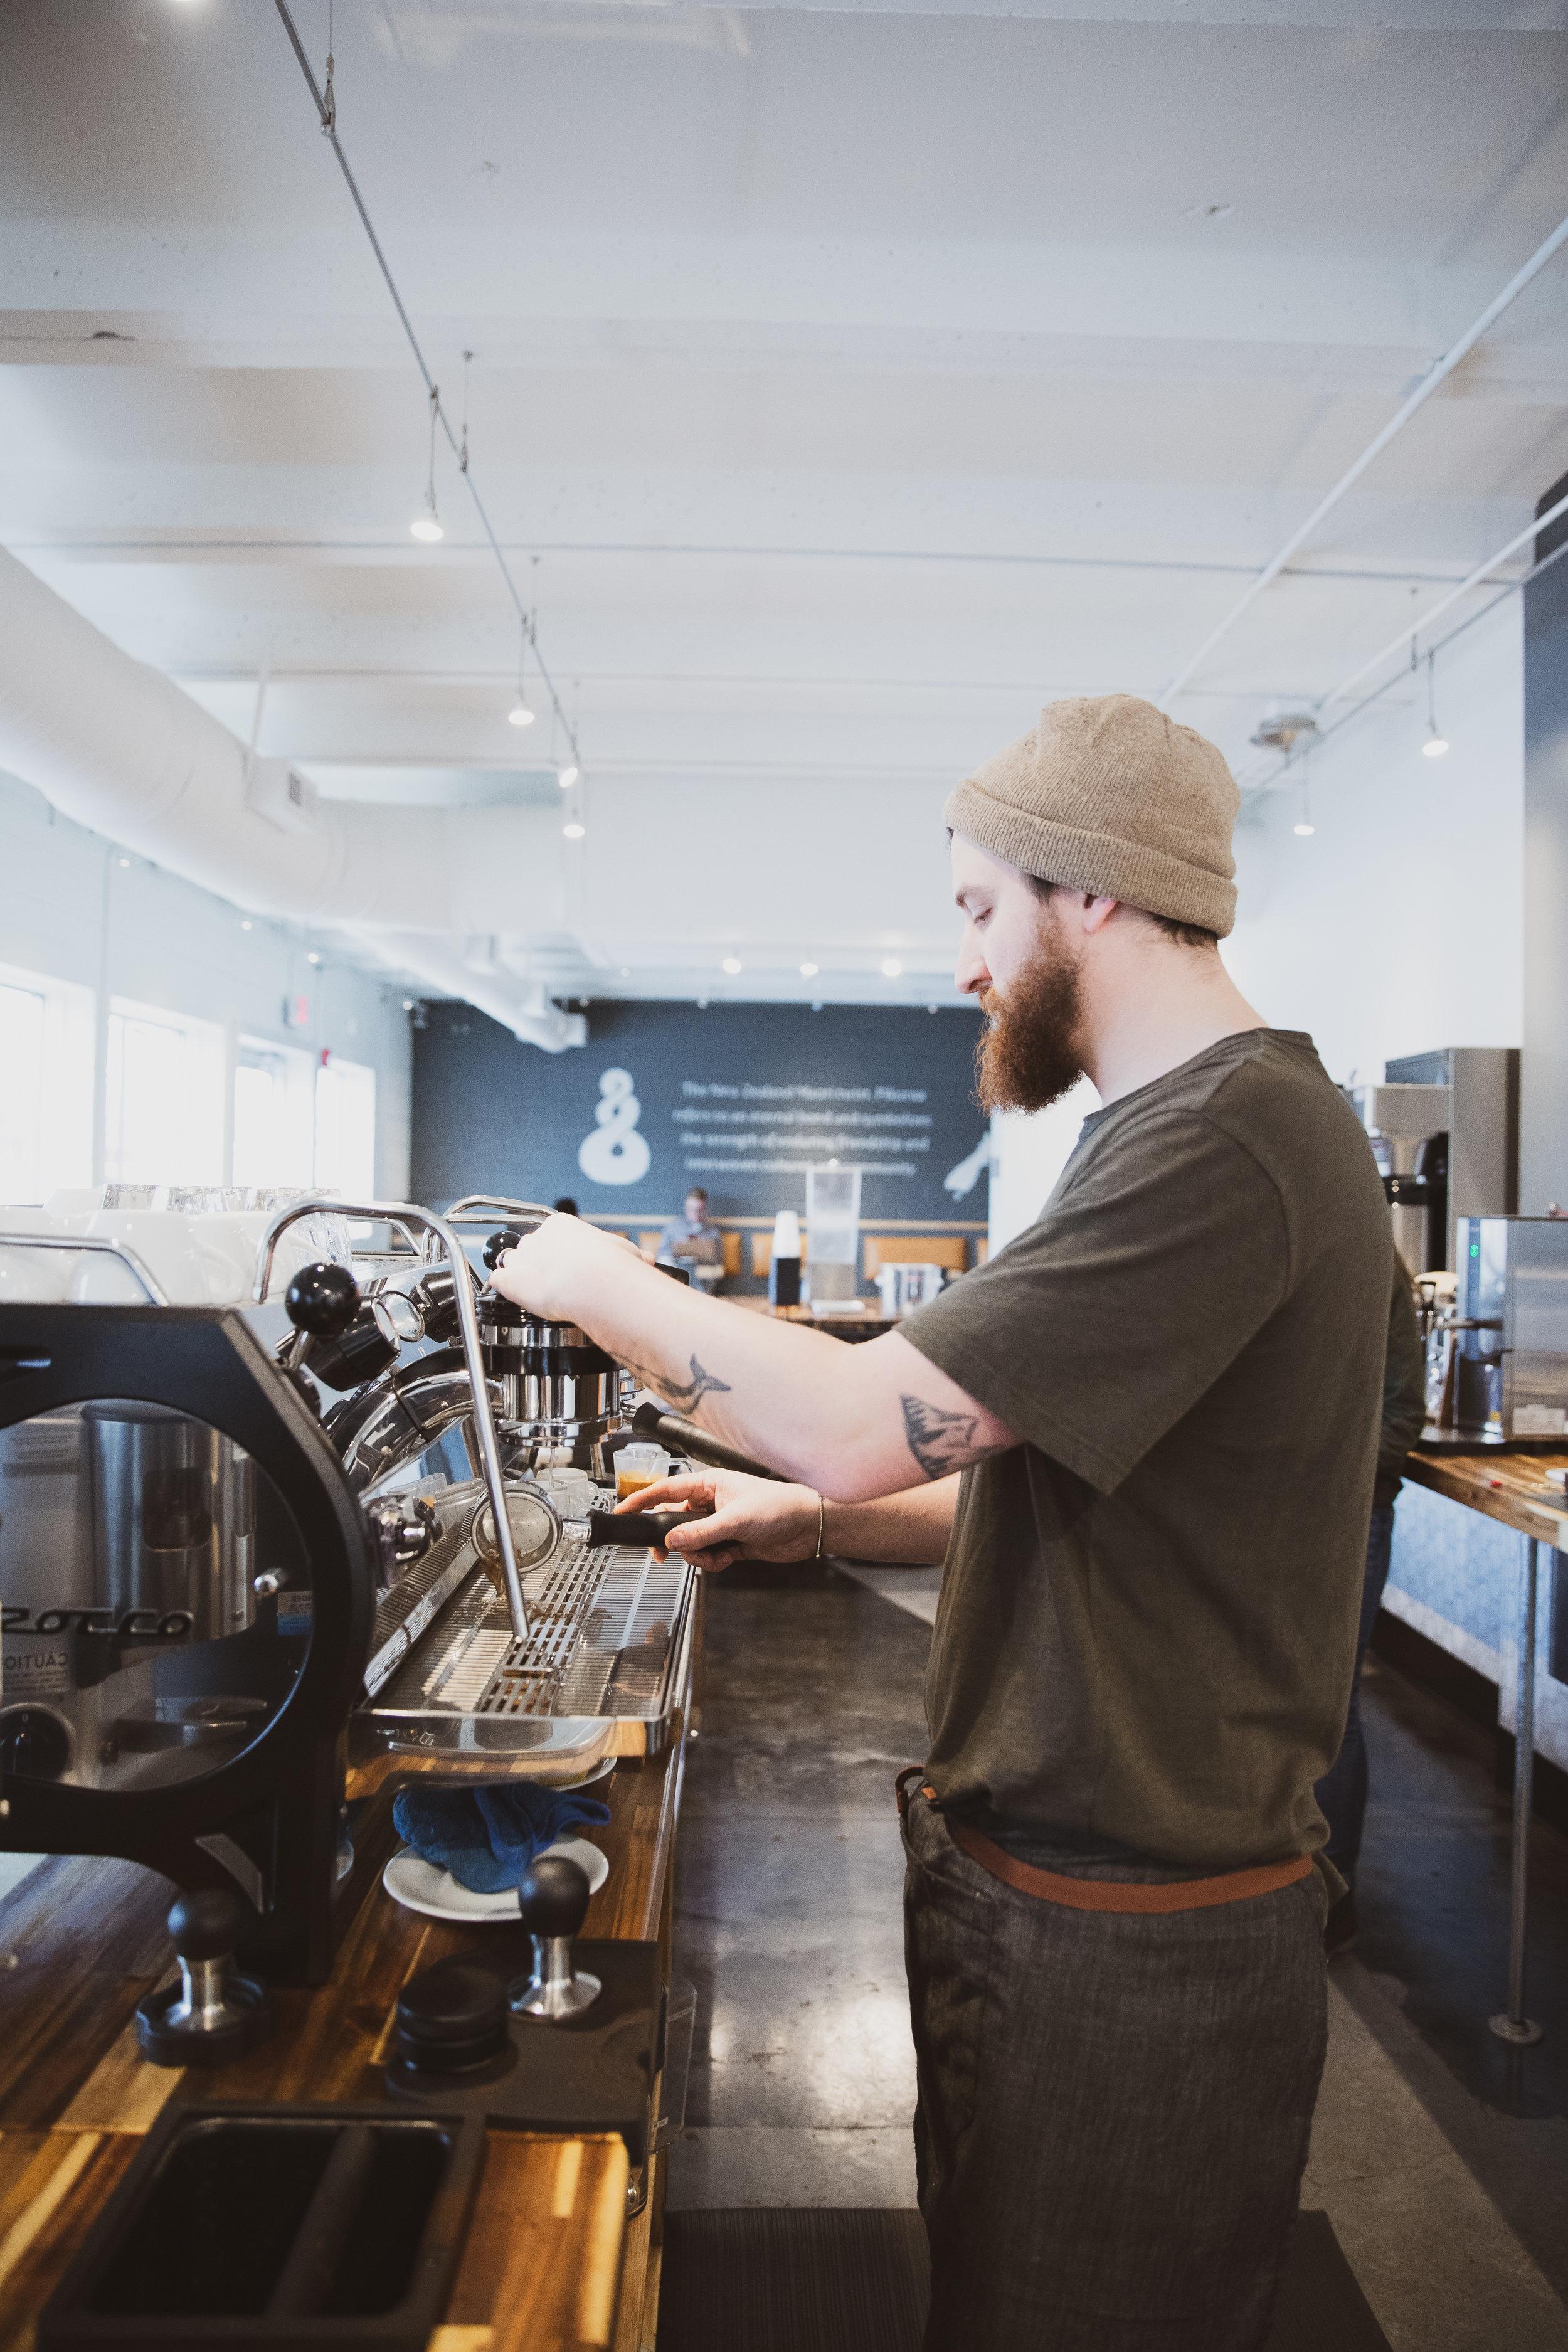 coffeeshop-photography-9I0609.jpg